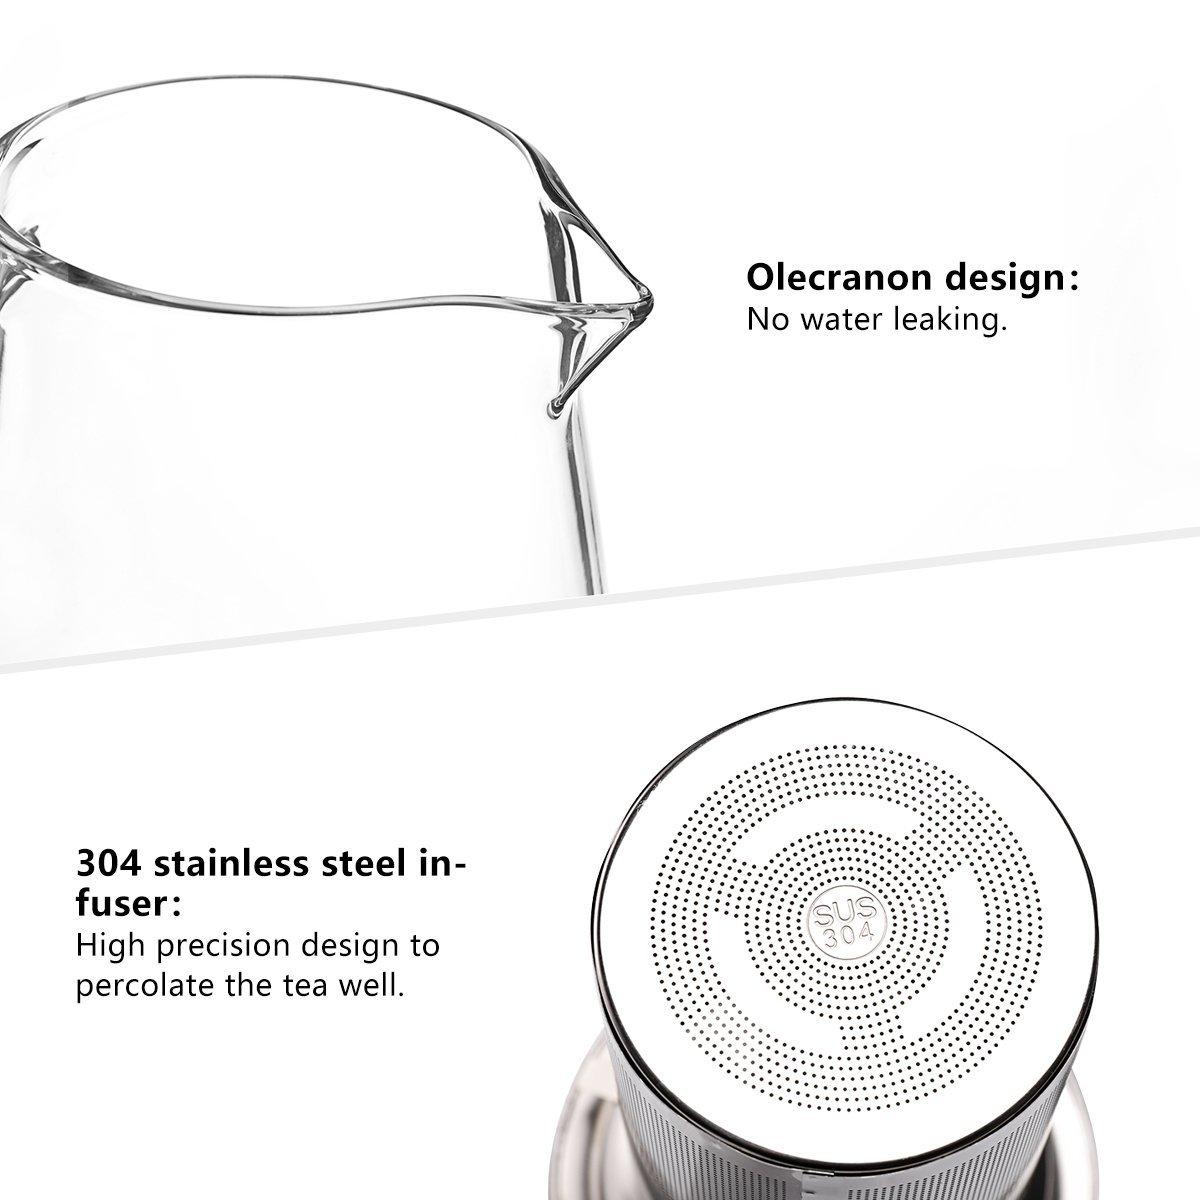 alta borosilicato Tetera con acero inoxidable 304 Infuser Perfecto Romote Glass Tea Pot